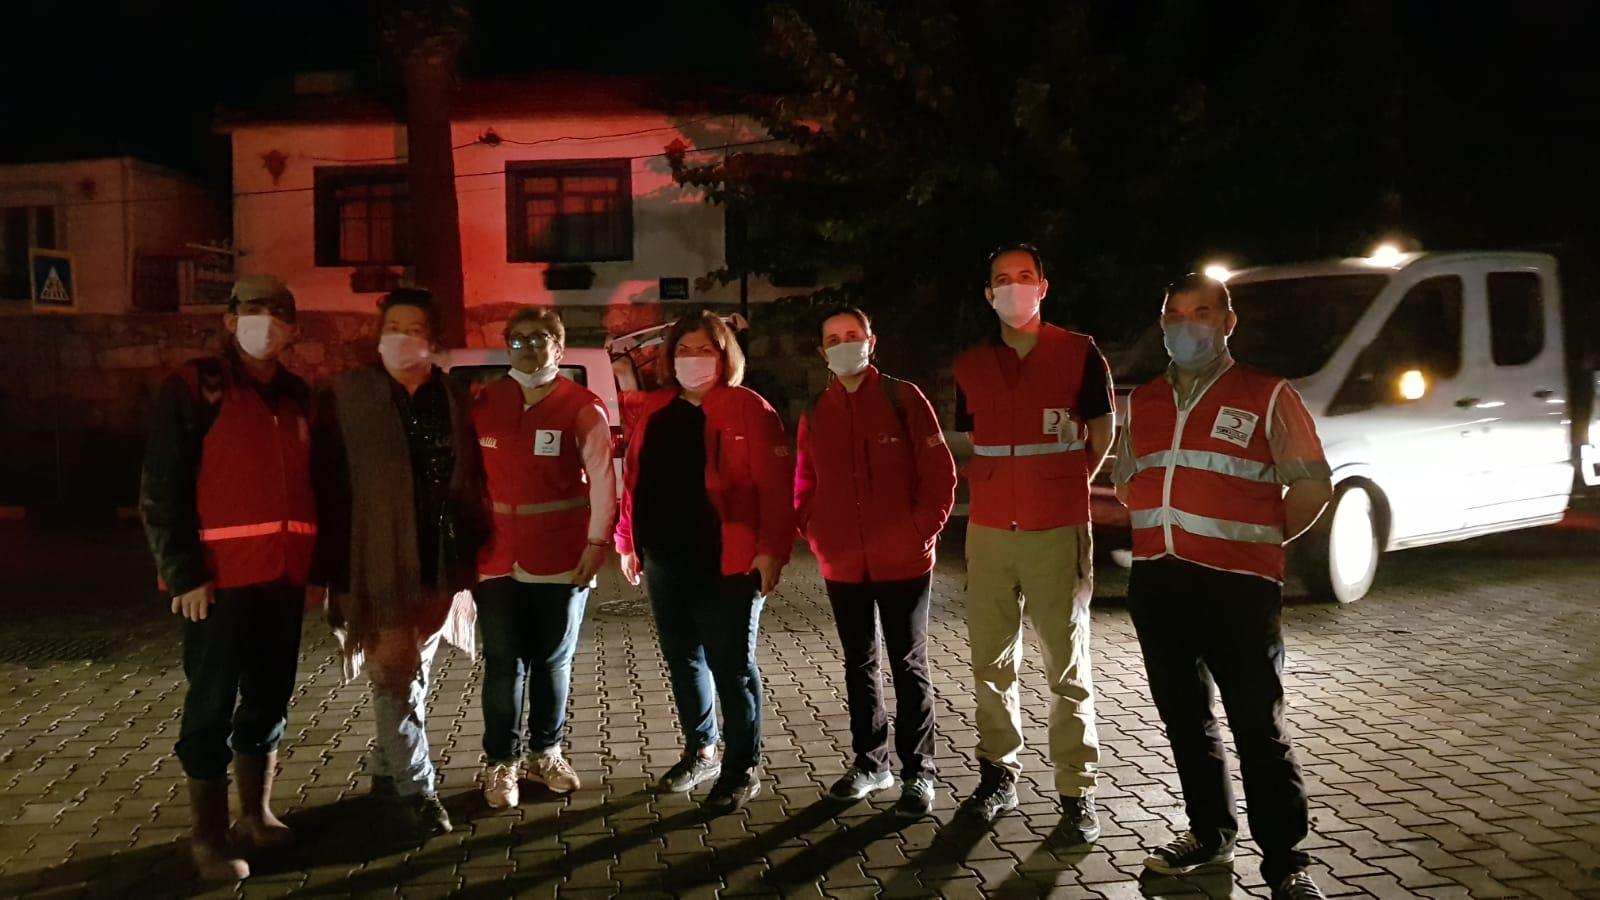 Urla Kızılay Şube Başkanı Nurgül Saltık ve ekibi depremzedelere yardıma koştu